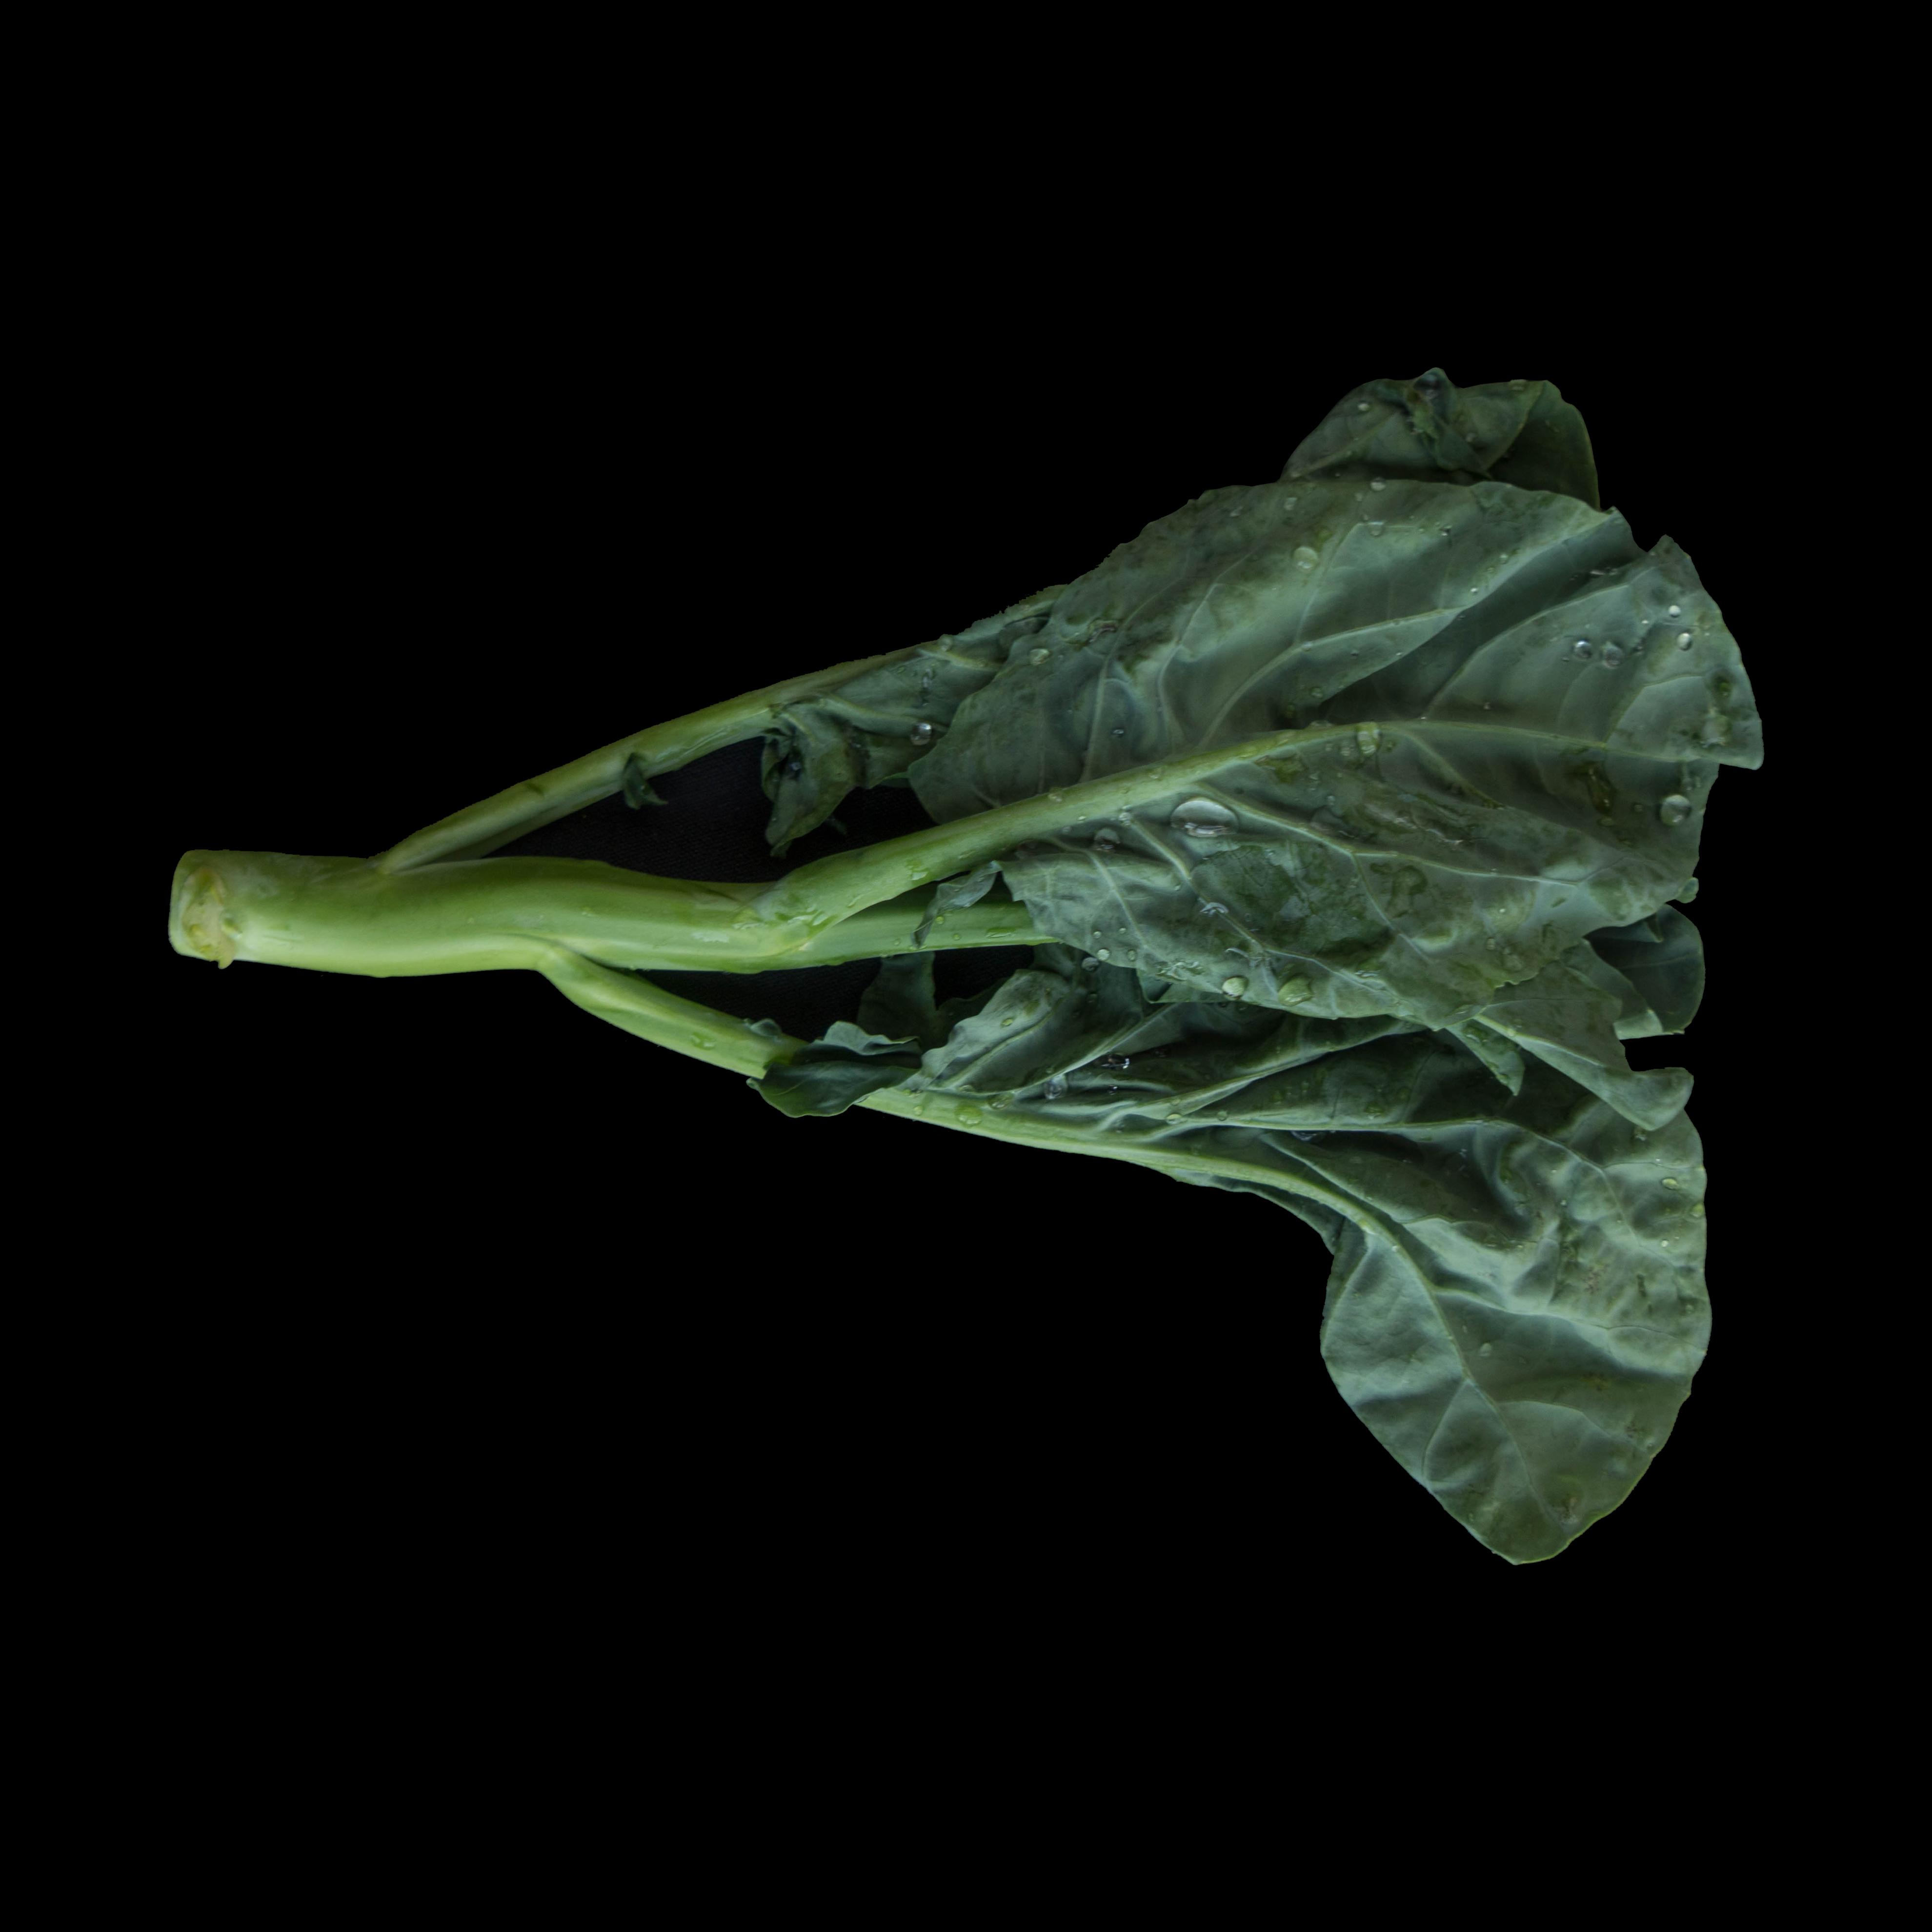 59. 芥蓝 Chinese Broccoli Image